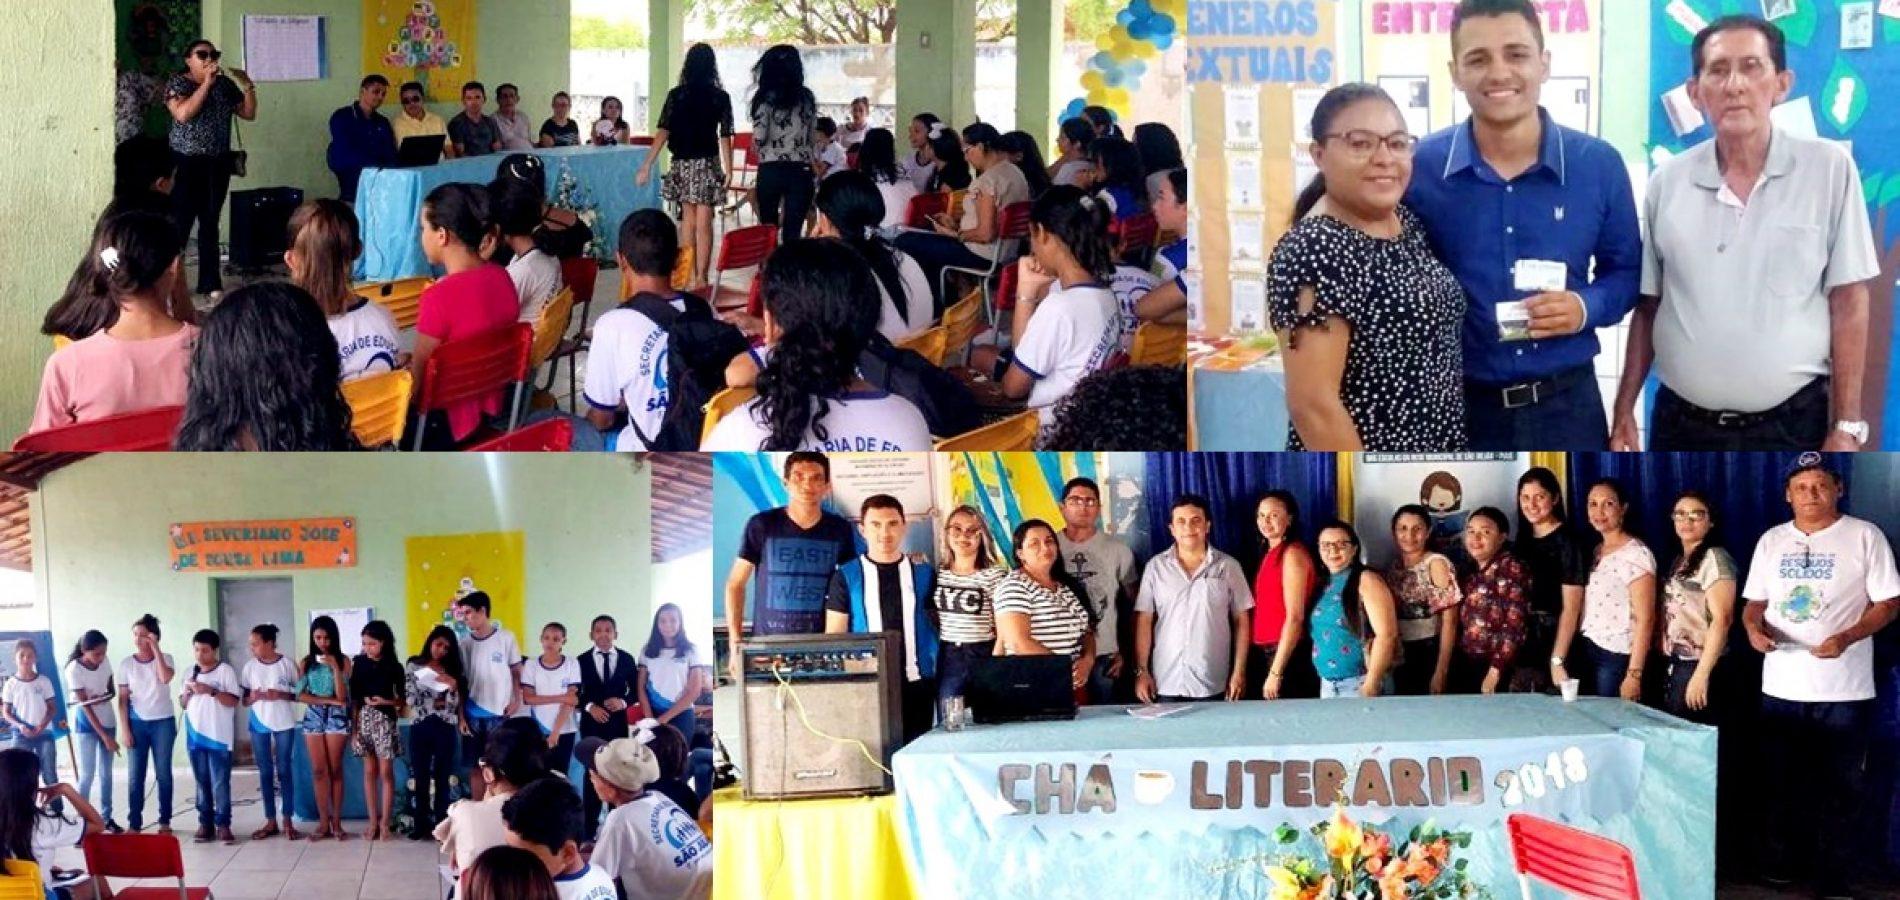 Escolas da Rede Municipal de São Julião promovem 1º Chá Literário; fotos